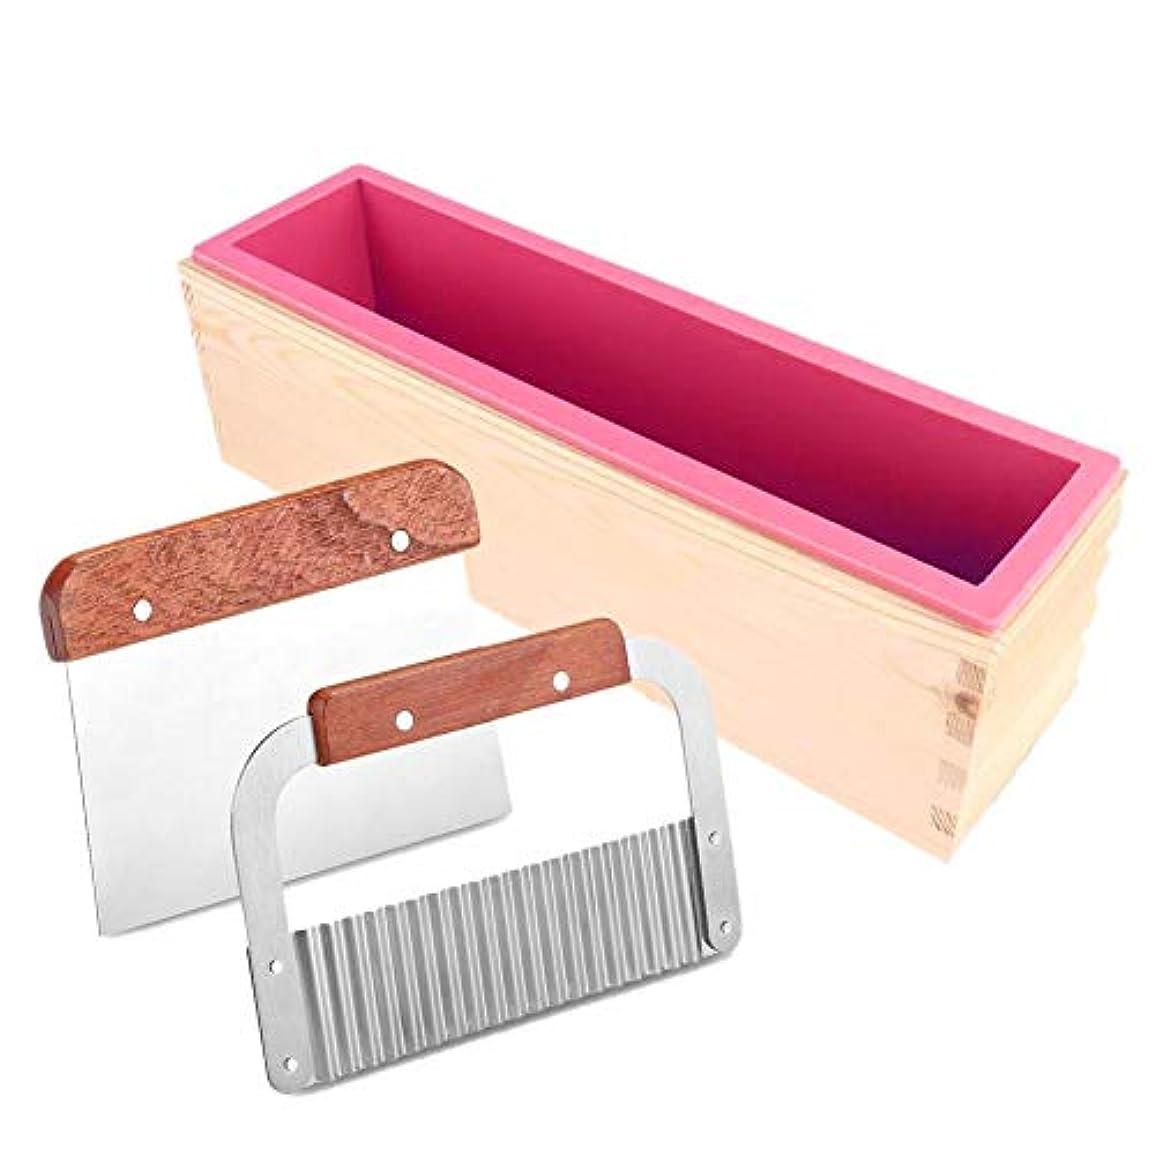 無視成功展開するRagemのシリコーンの石鹸型 - 自家製の石鹸の作成のための2Pcsカッターの皮むき器が付いている長方形の木箱の石鹸の作成型